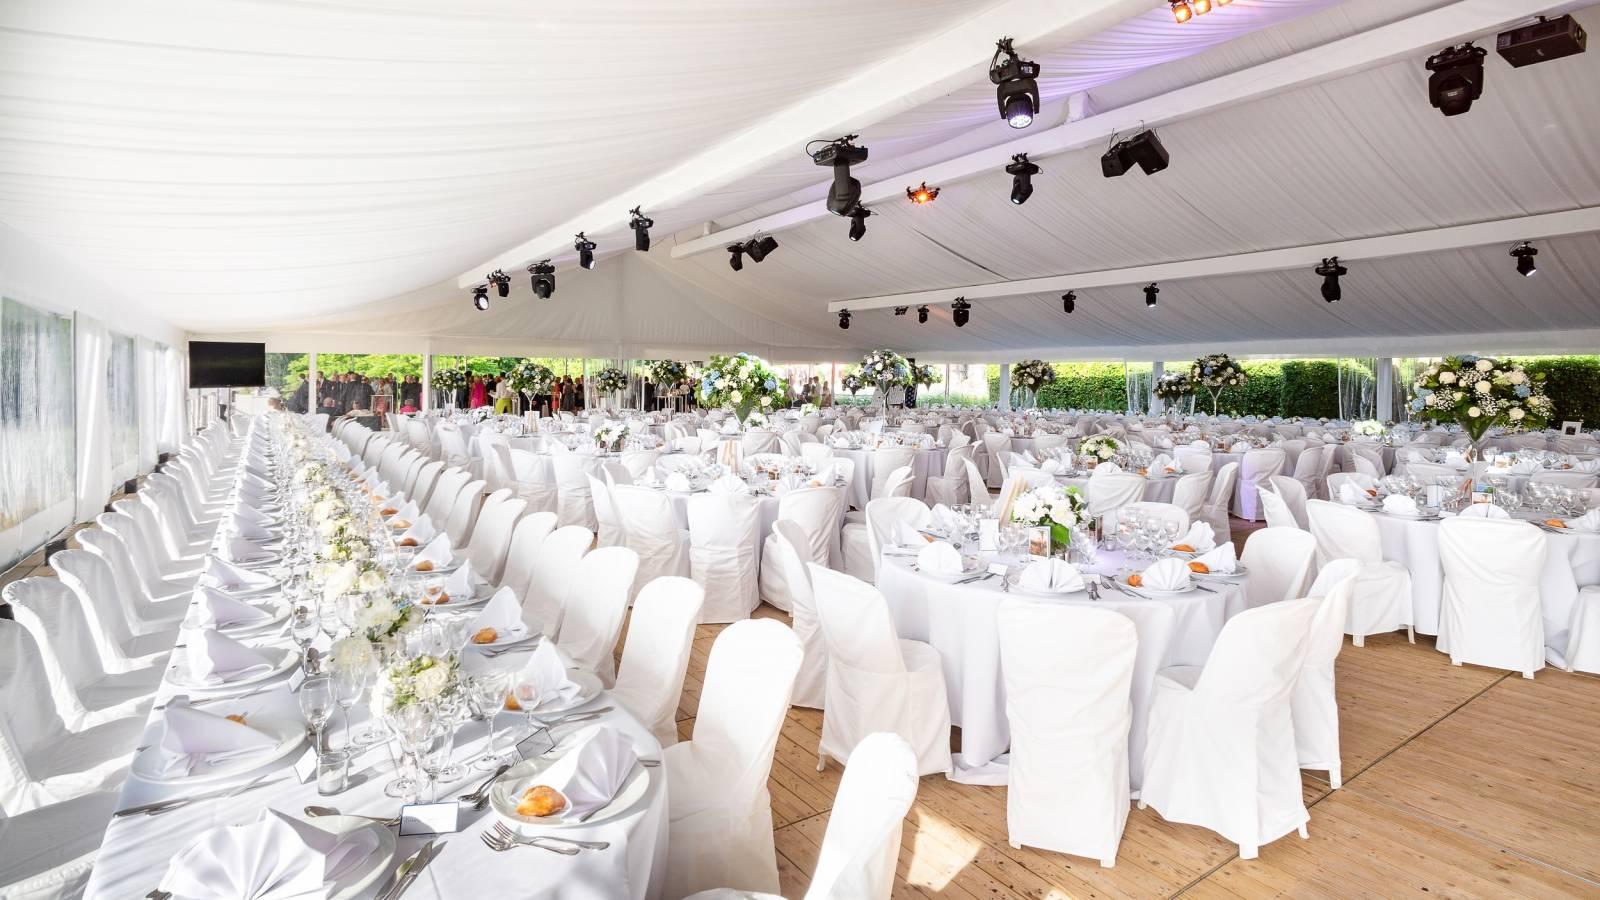 Tentmoment - Feesttent - Tent Event - Verhuur Tenten - Fotograaf Jurgen De Witte - House of Events - 17